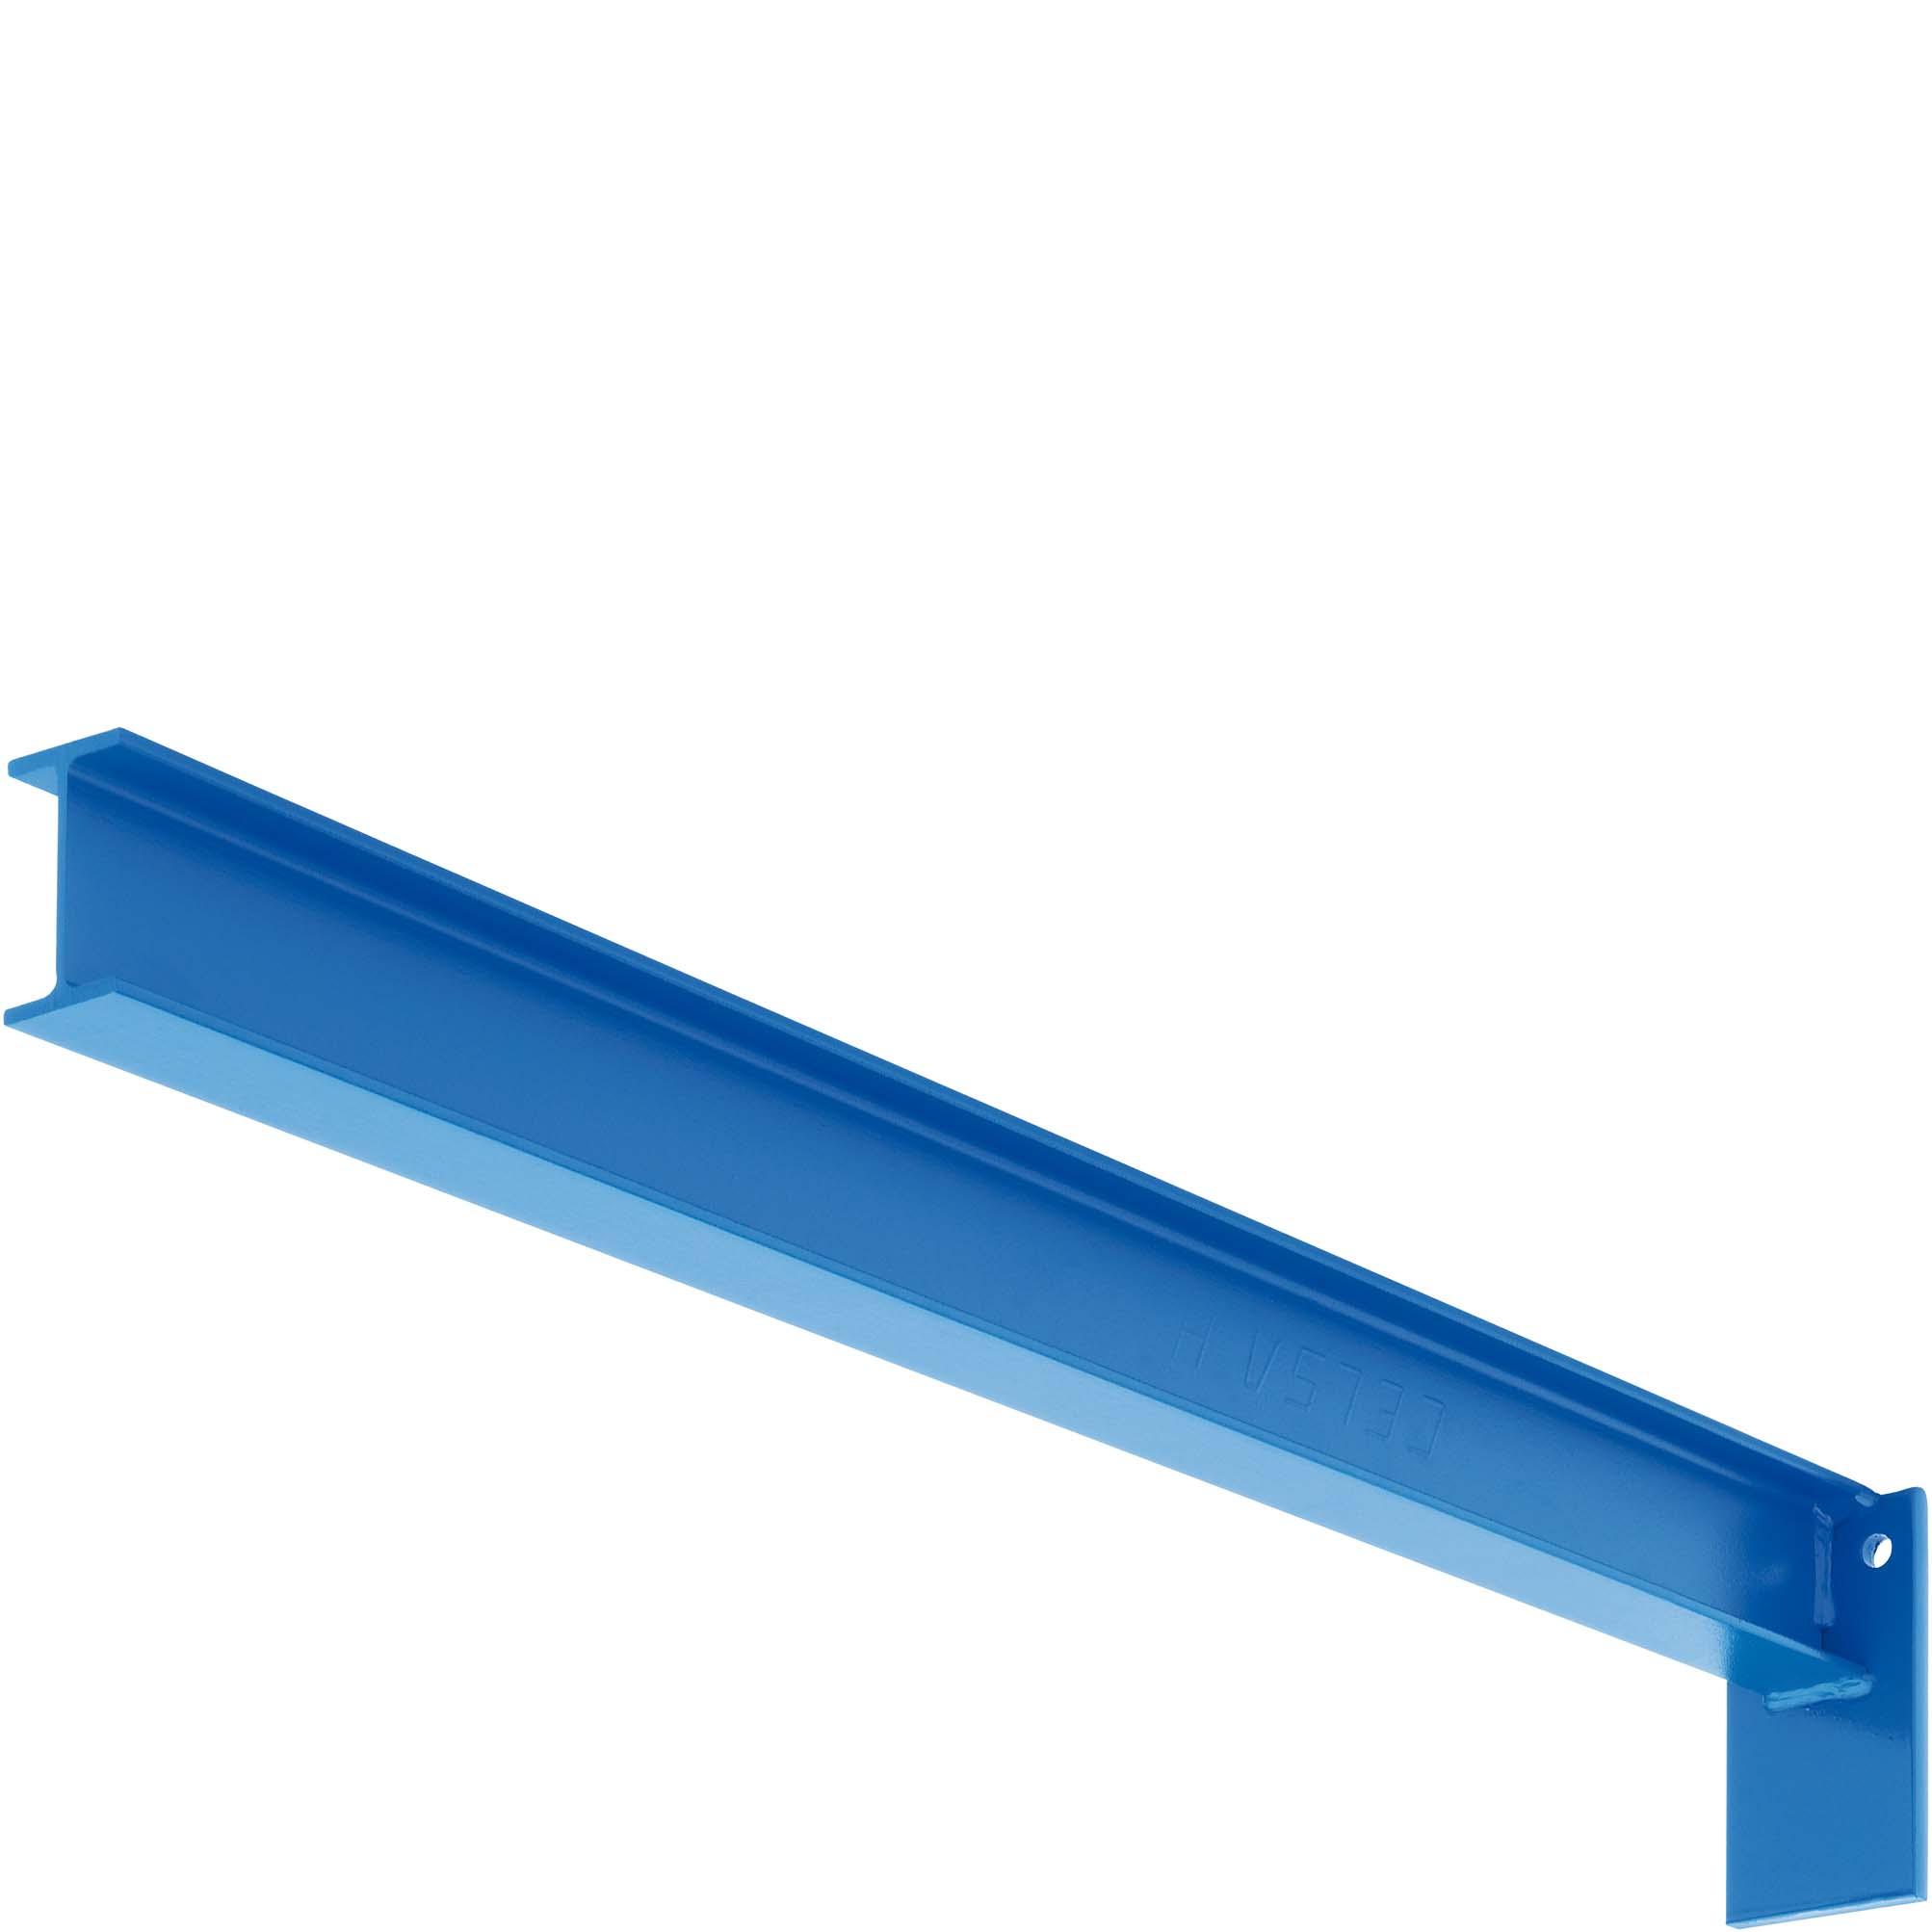 KR-ES EK  Bauteile / Kragarm ES IPE 80-1000 für IPE180-220  RAL5010